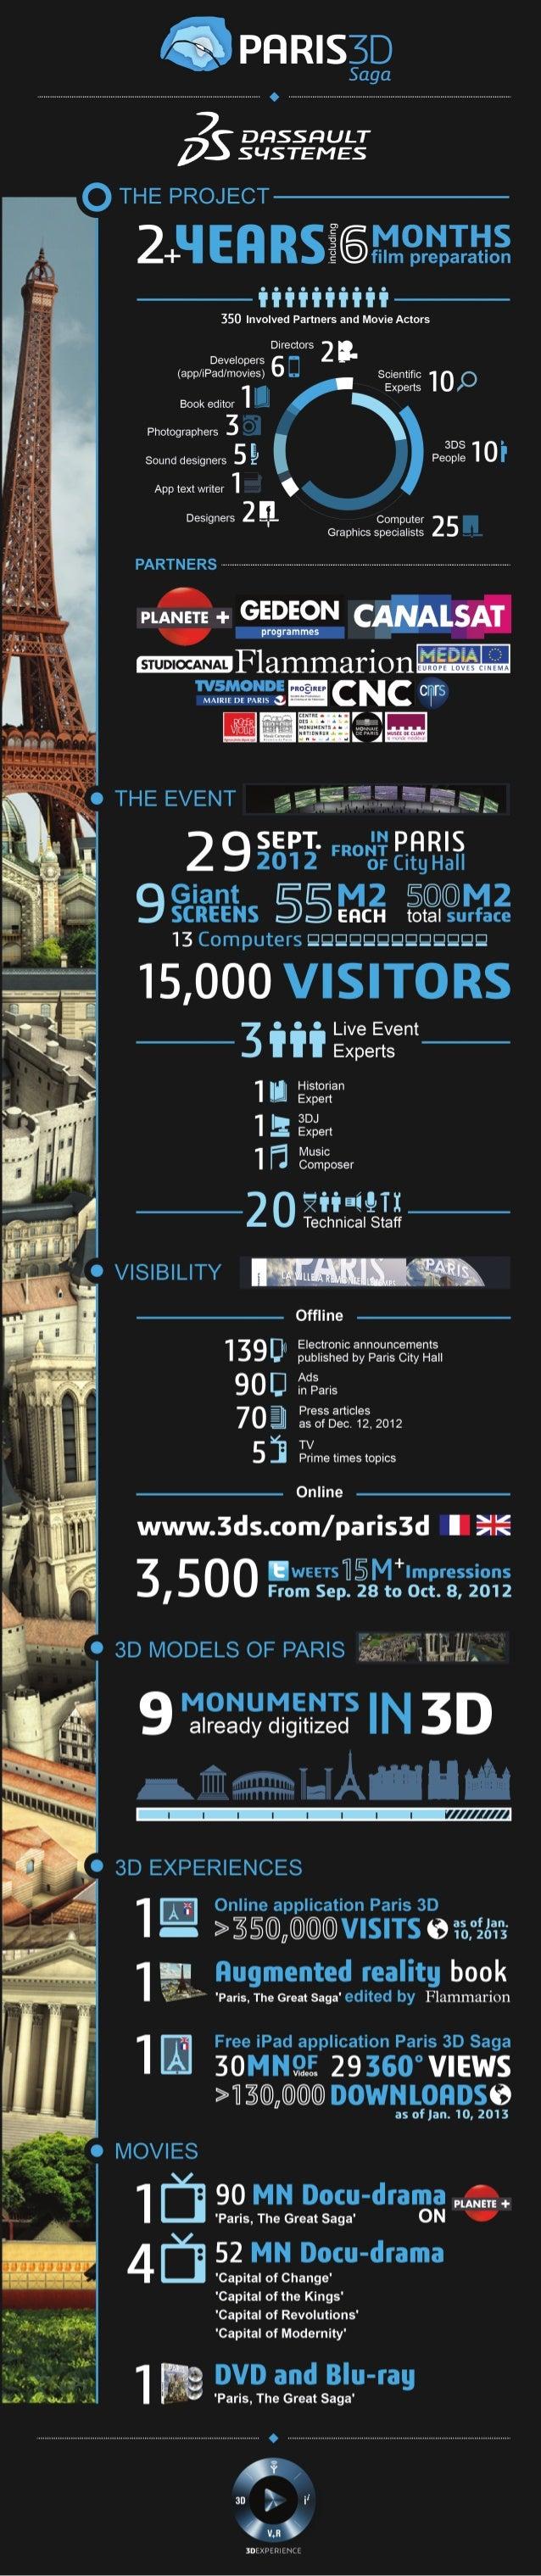 Paris 3D Story Infographic